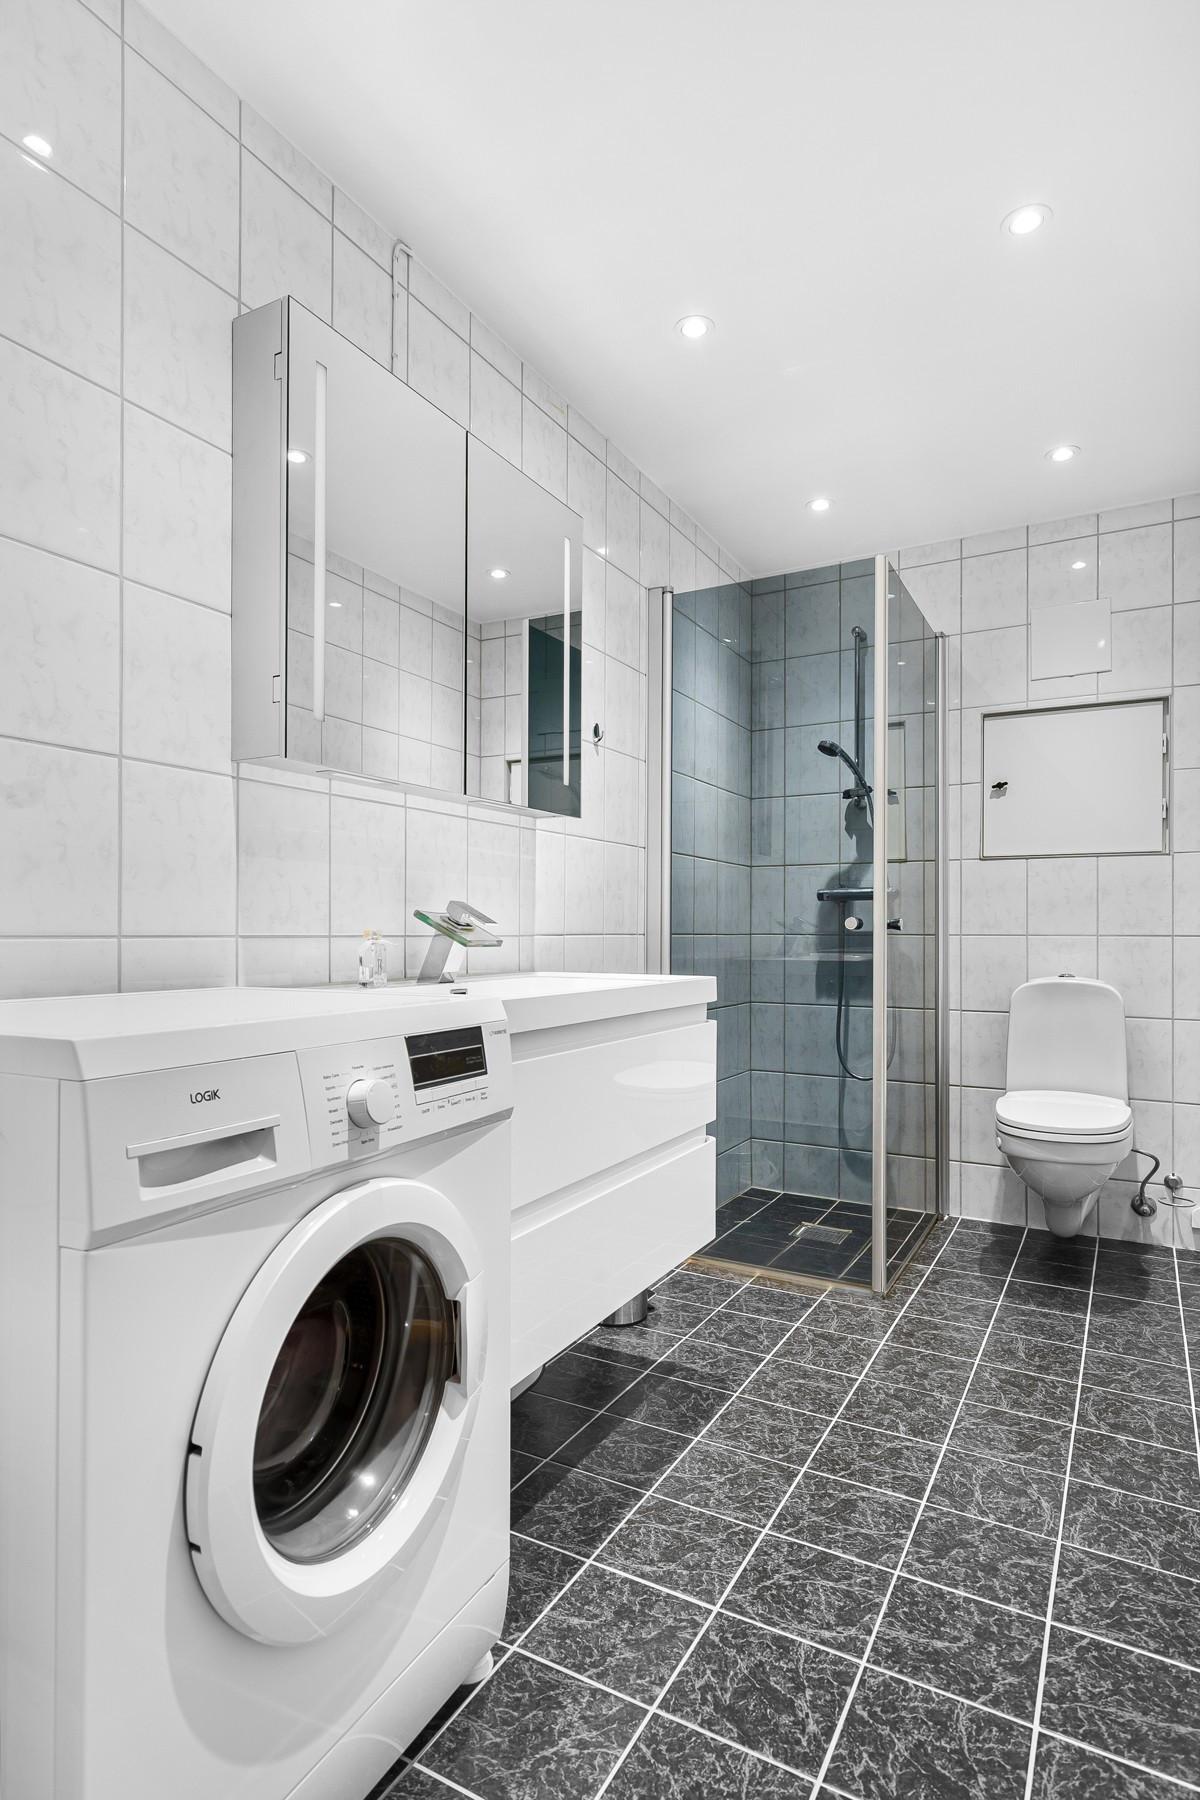 Komplett flislagt bad med opplegg for vaskemaskin, stor dusjnisje, og servant med underskap